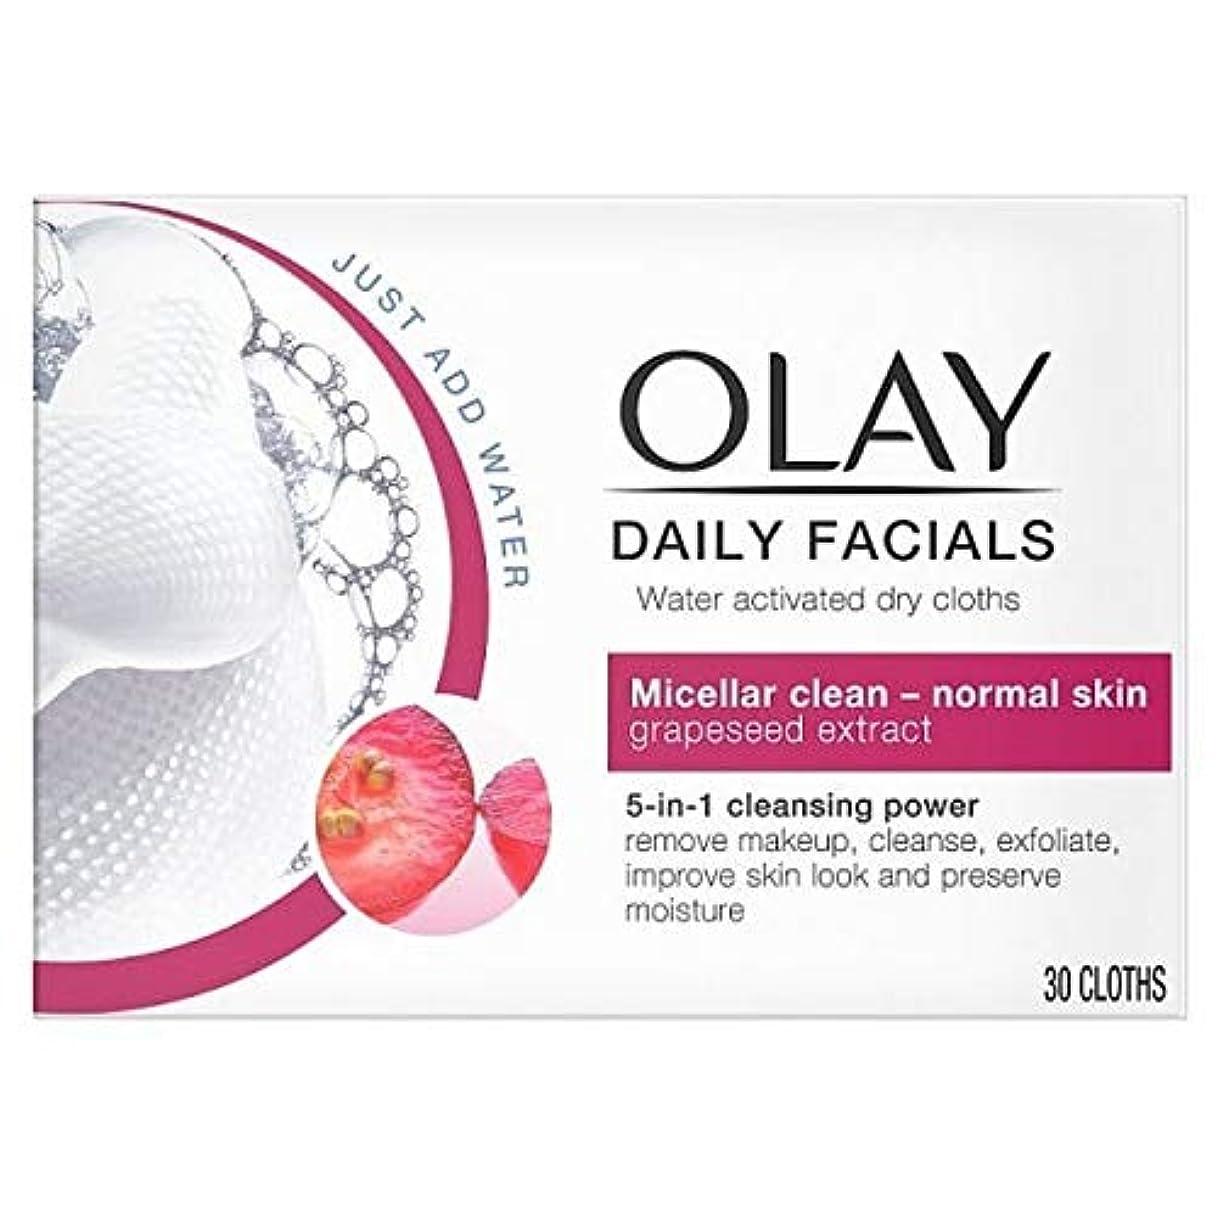 珍しい勝利した鋸歯状[Olay ] オーレイ毎日フェイシャル5-In1は乾燥布 - 正常な皮膚 - Olay Daily Facials 5-in1 Dry Cloths - Normal Skin [並行輸入品]